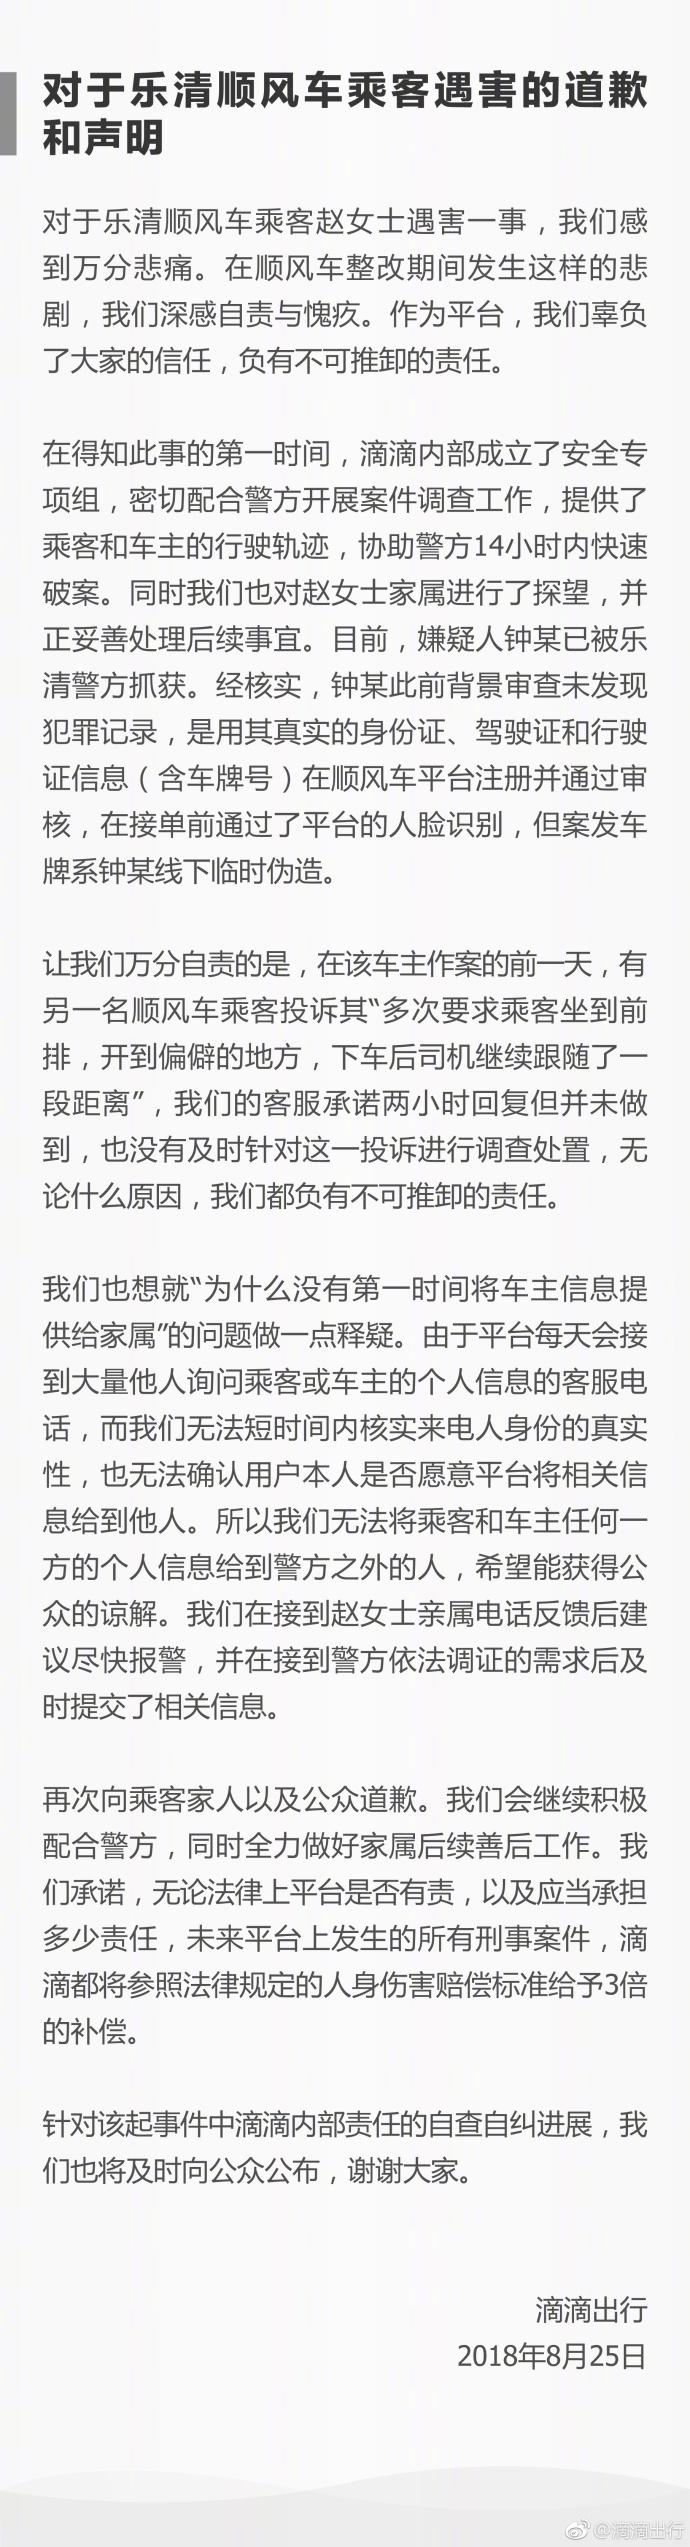 温州女孩乘顺风车遇害 滴滴道歉 有不可推卸的责任